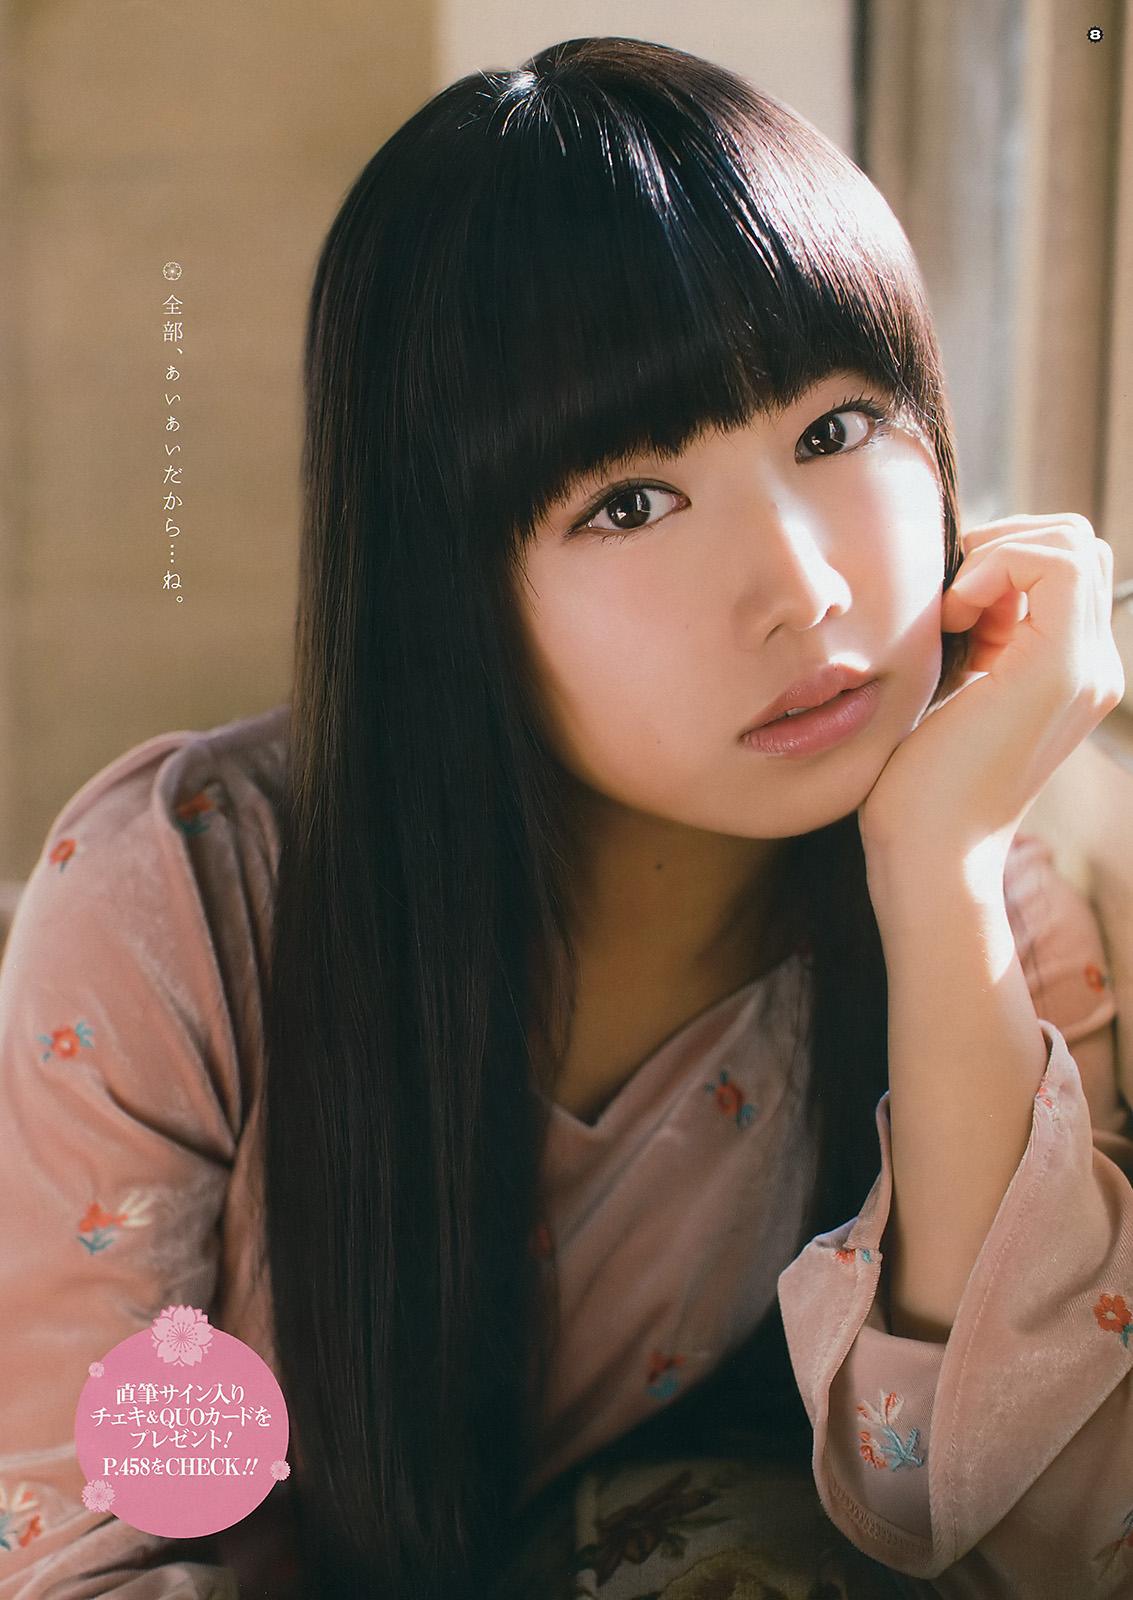 Hirota aika 廣田あいか Shiritsu Ebisu Chugaku, Young Gangan 2017.01.20 No.02 (ヤングガンガン 2017年 No.02)